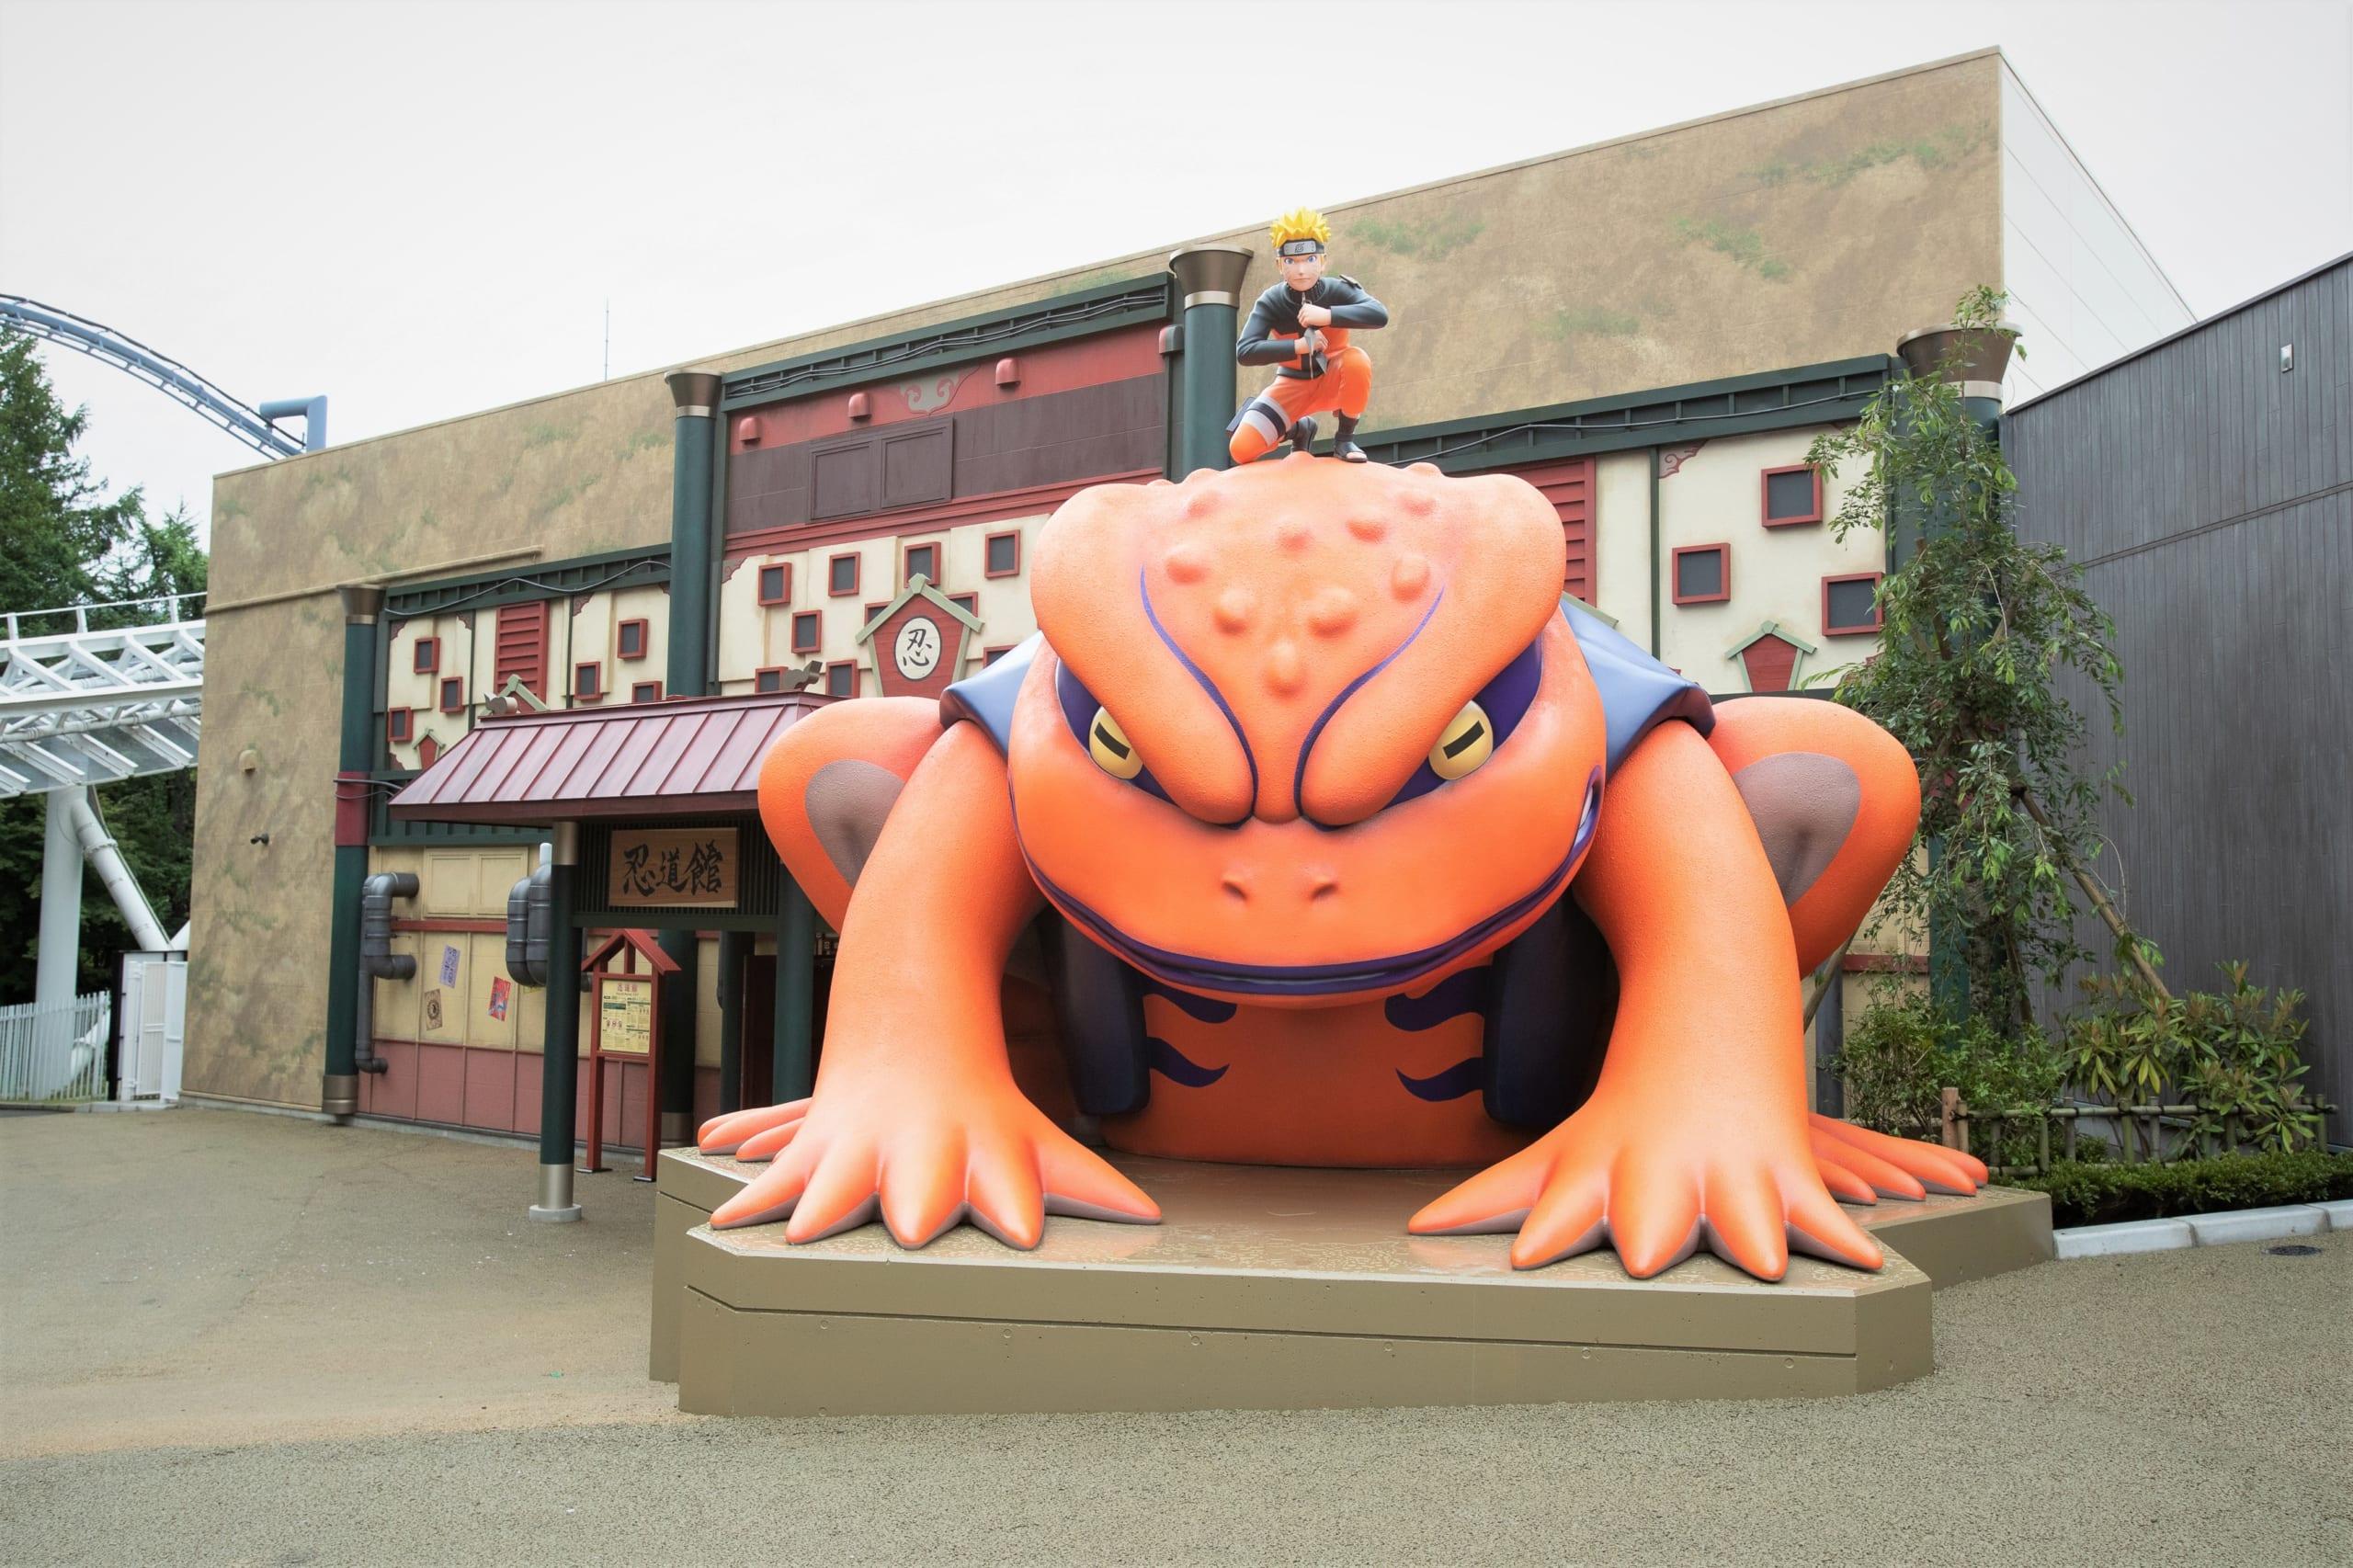 日本に2箇所の「NARUTO」テーマパークが初タッグ!富士急ハイランド×ニジゲンノモリ「里めぐりキャンペーン」開催